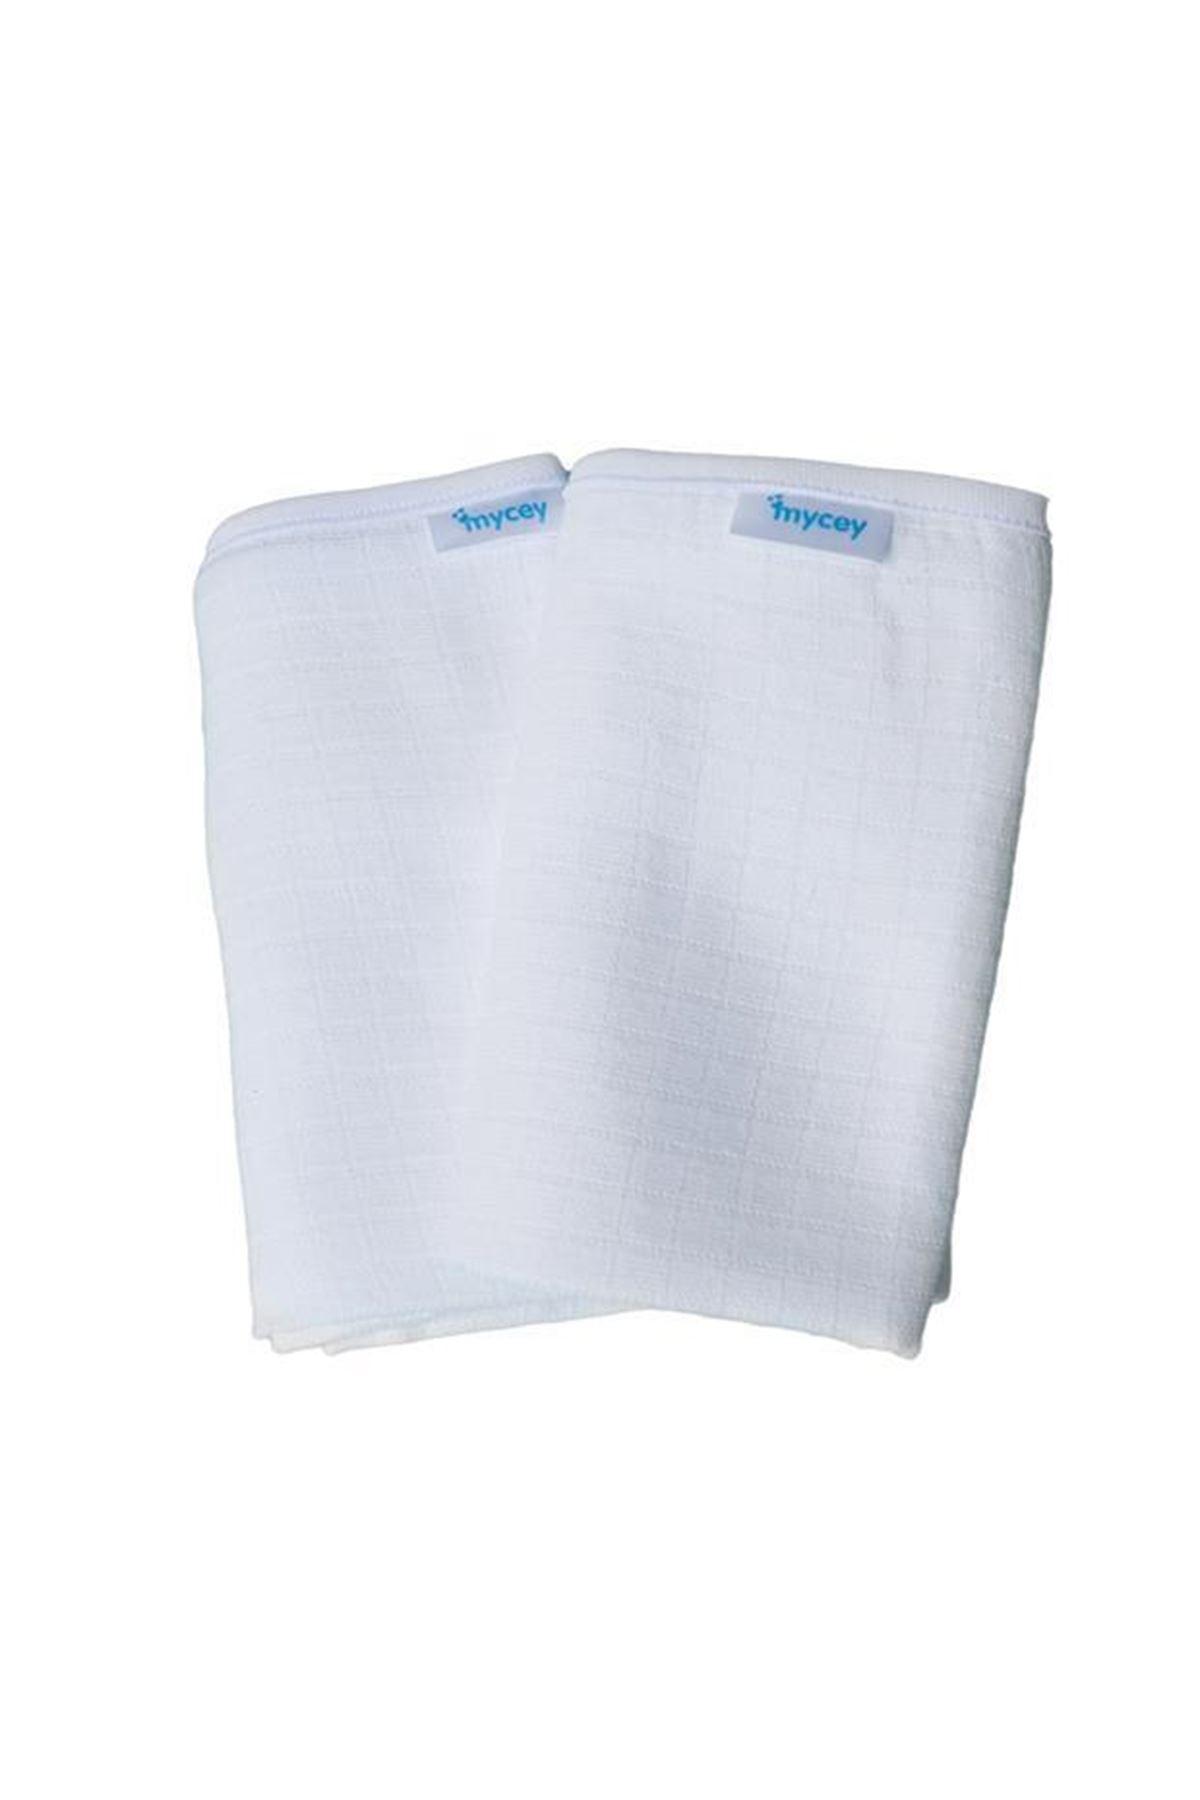 Mycey Çok Amaçlı Örtü Müslin Kumaş 2li Set Beyaz